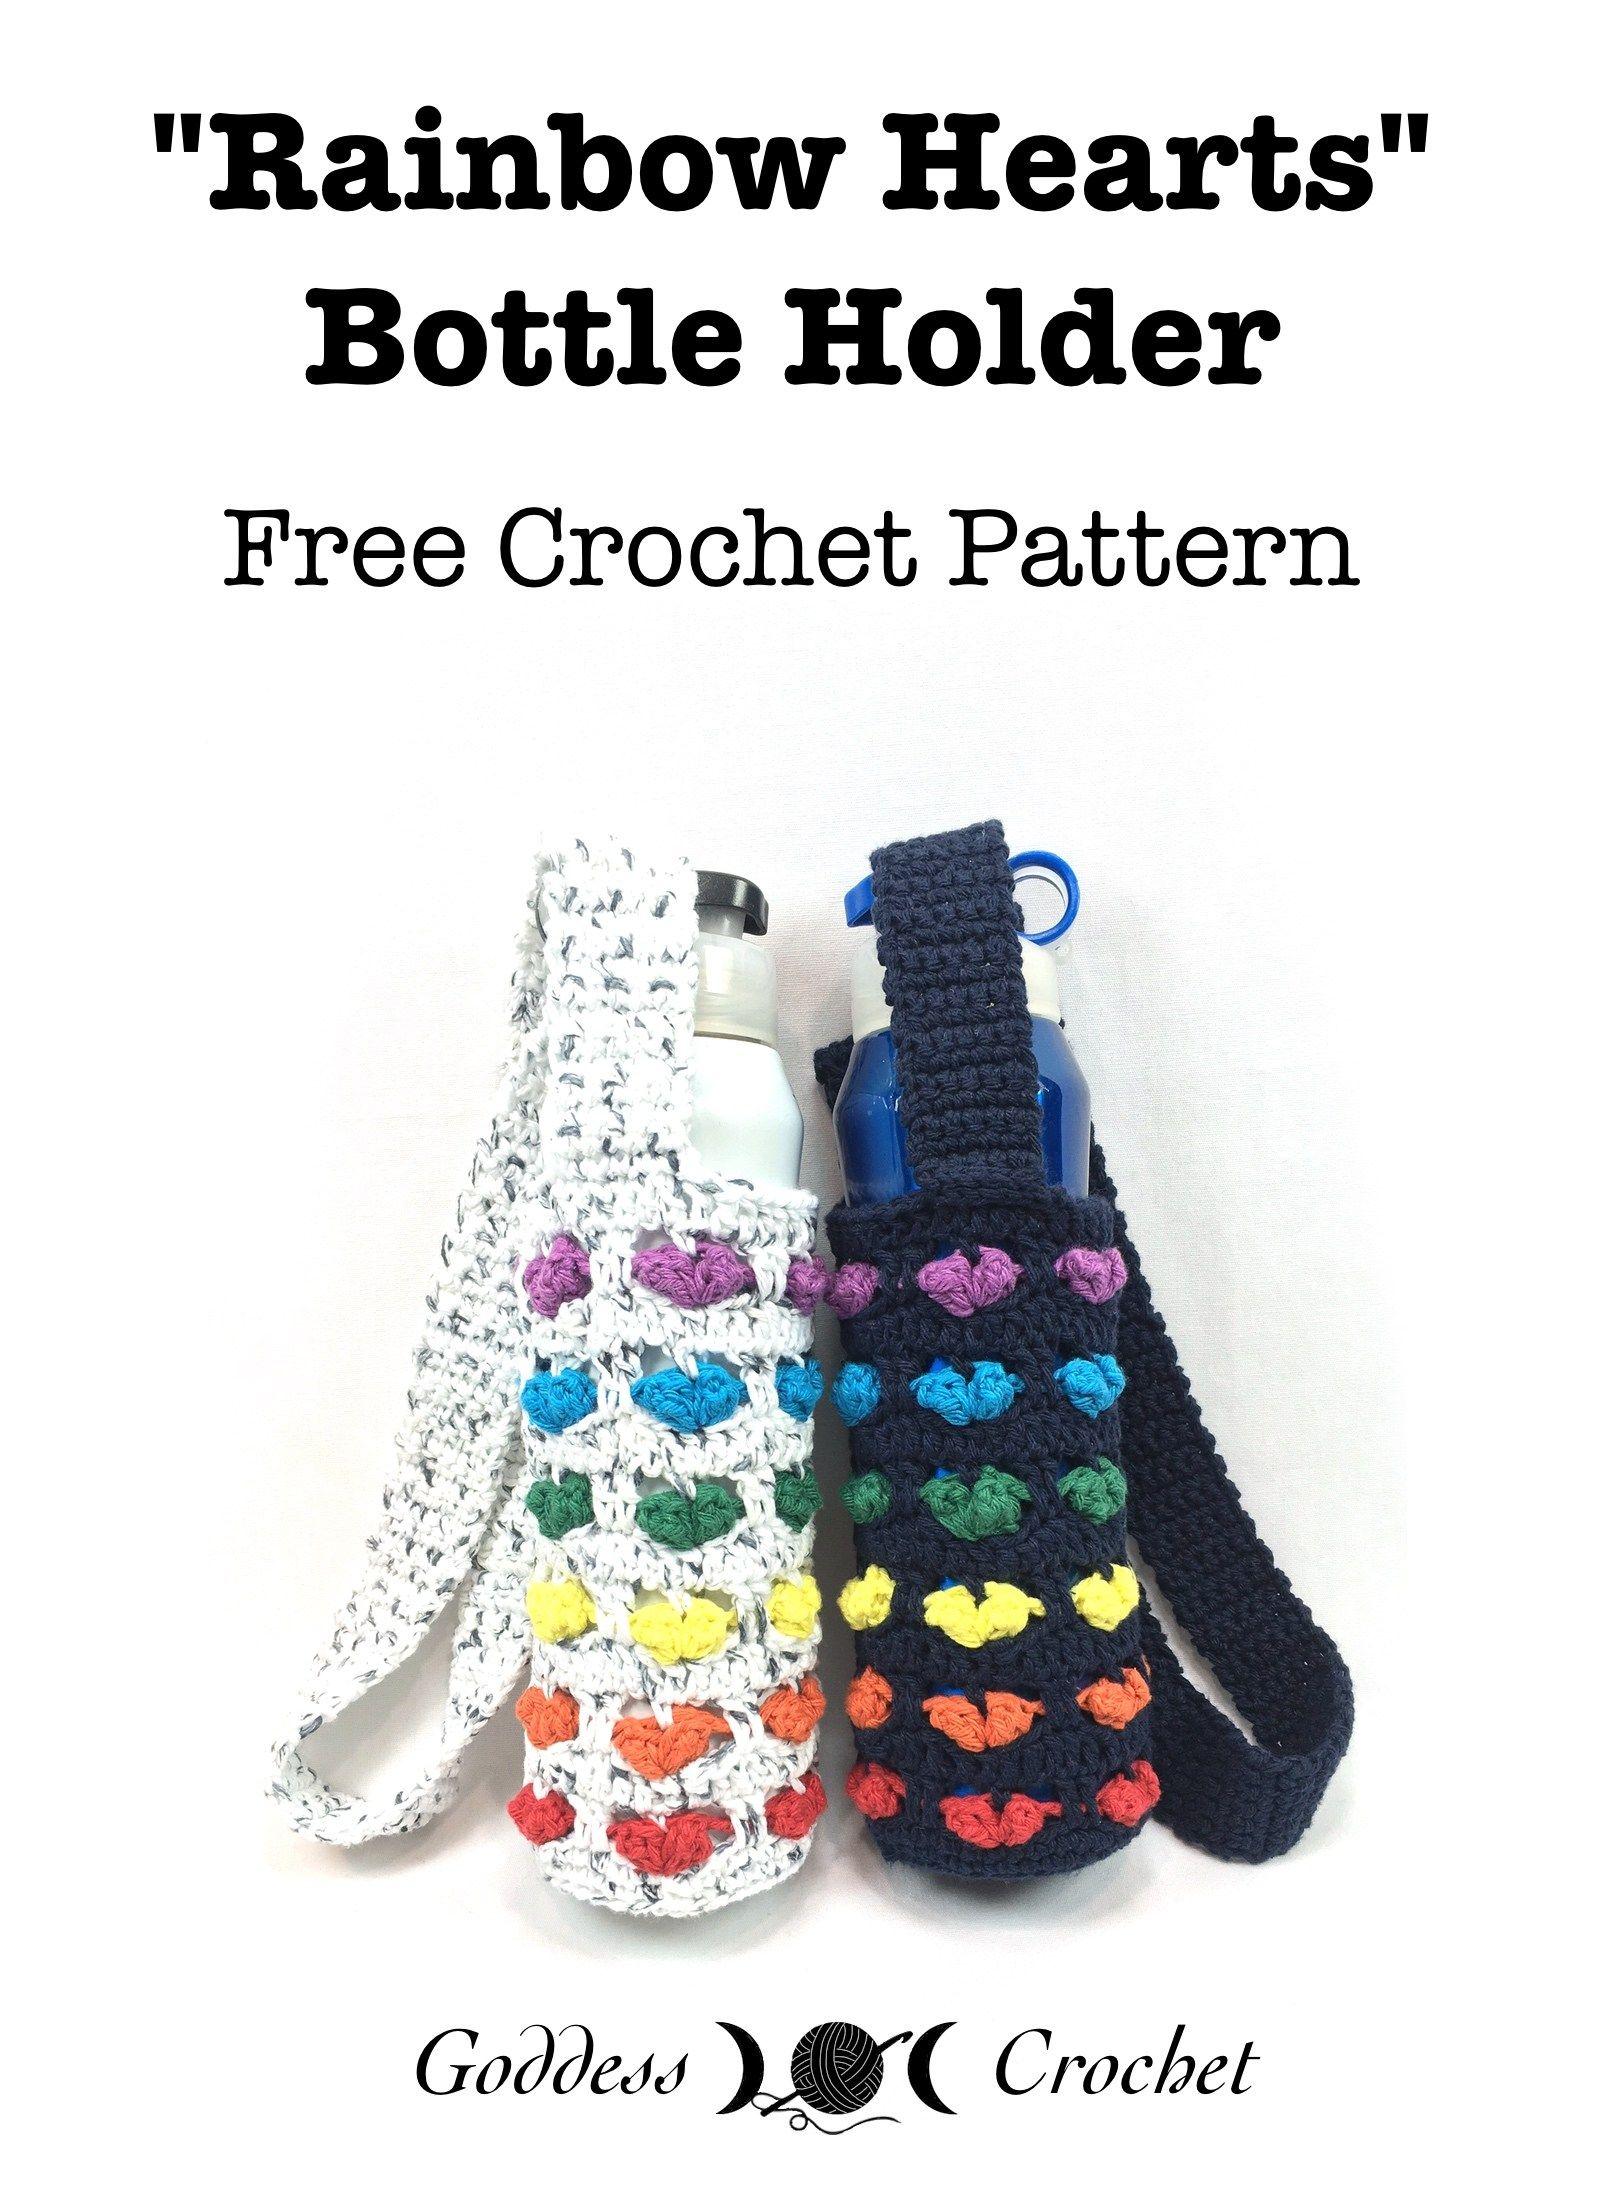 Rainbow hearts bottle holder free crochet pattern crochet rainbow hearts bottle holder free crochet pattern bankloansurffo Choice Image